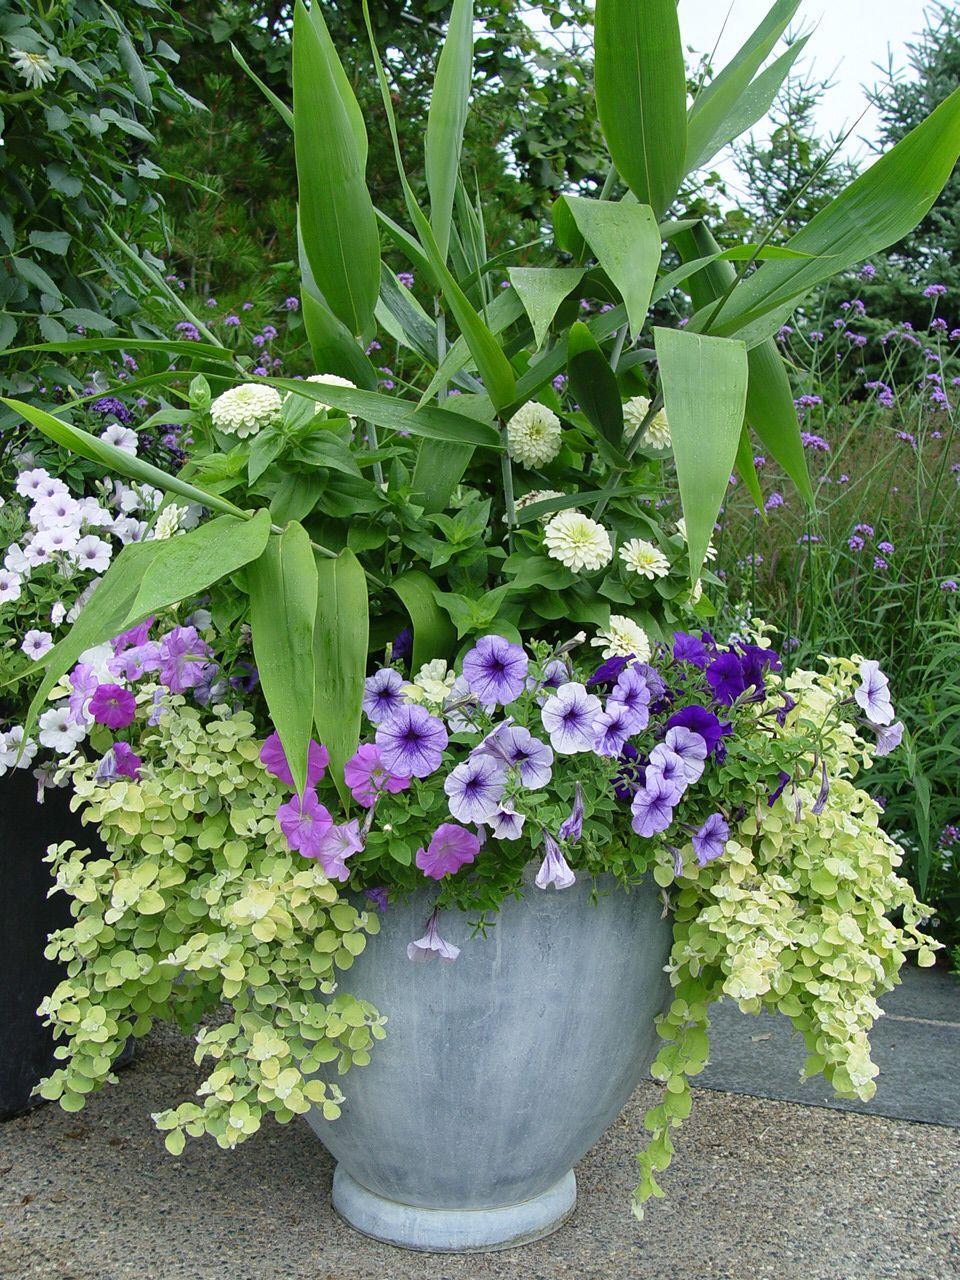 Pin by Bim Bilney on Garden | Garden, Container gardening, Container